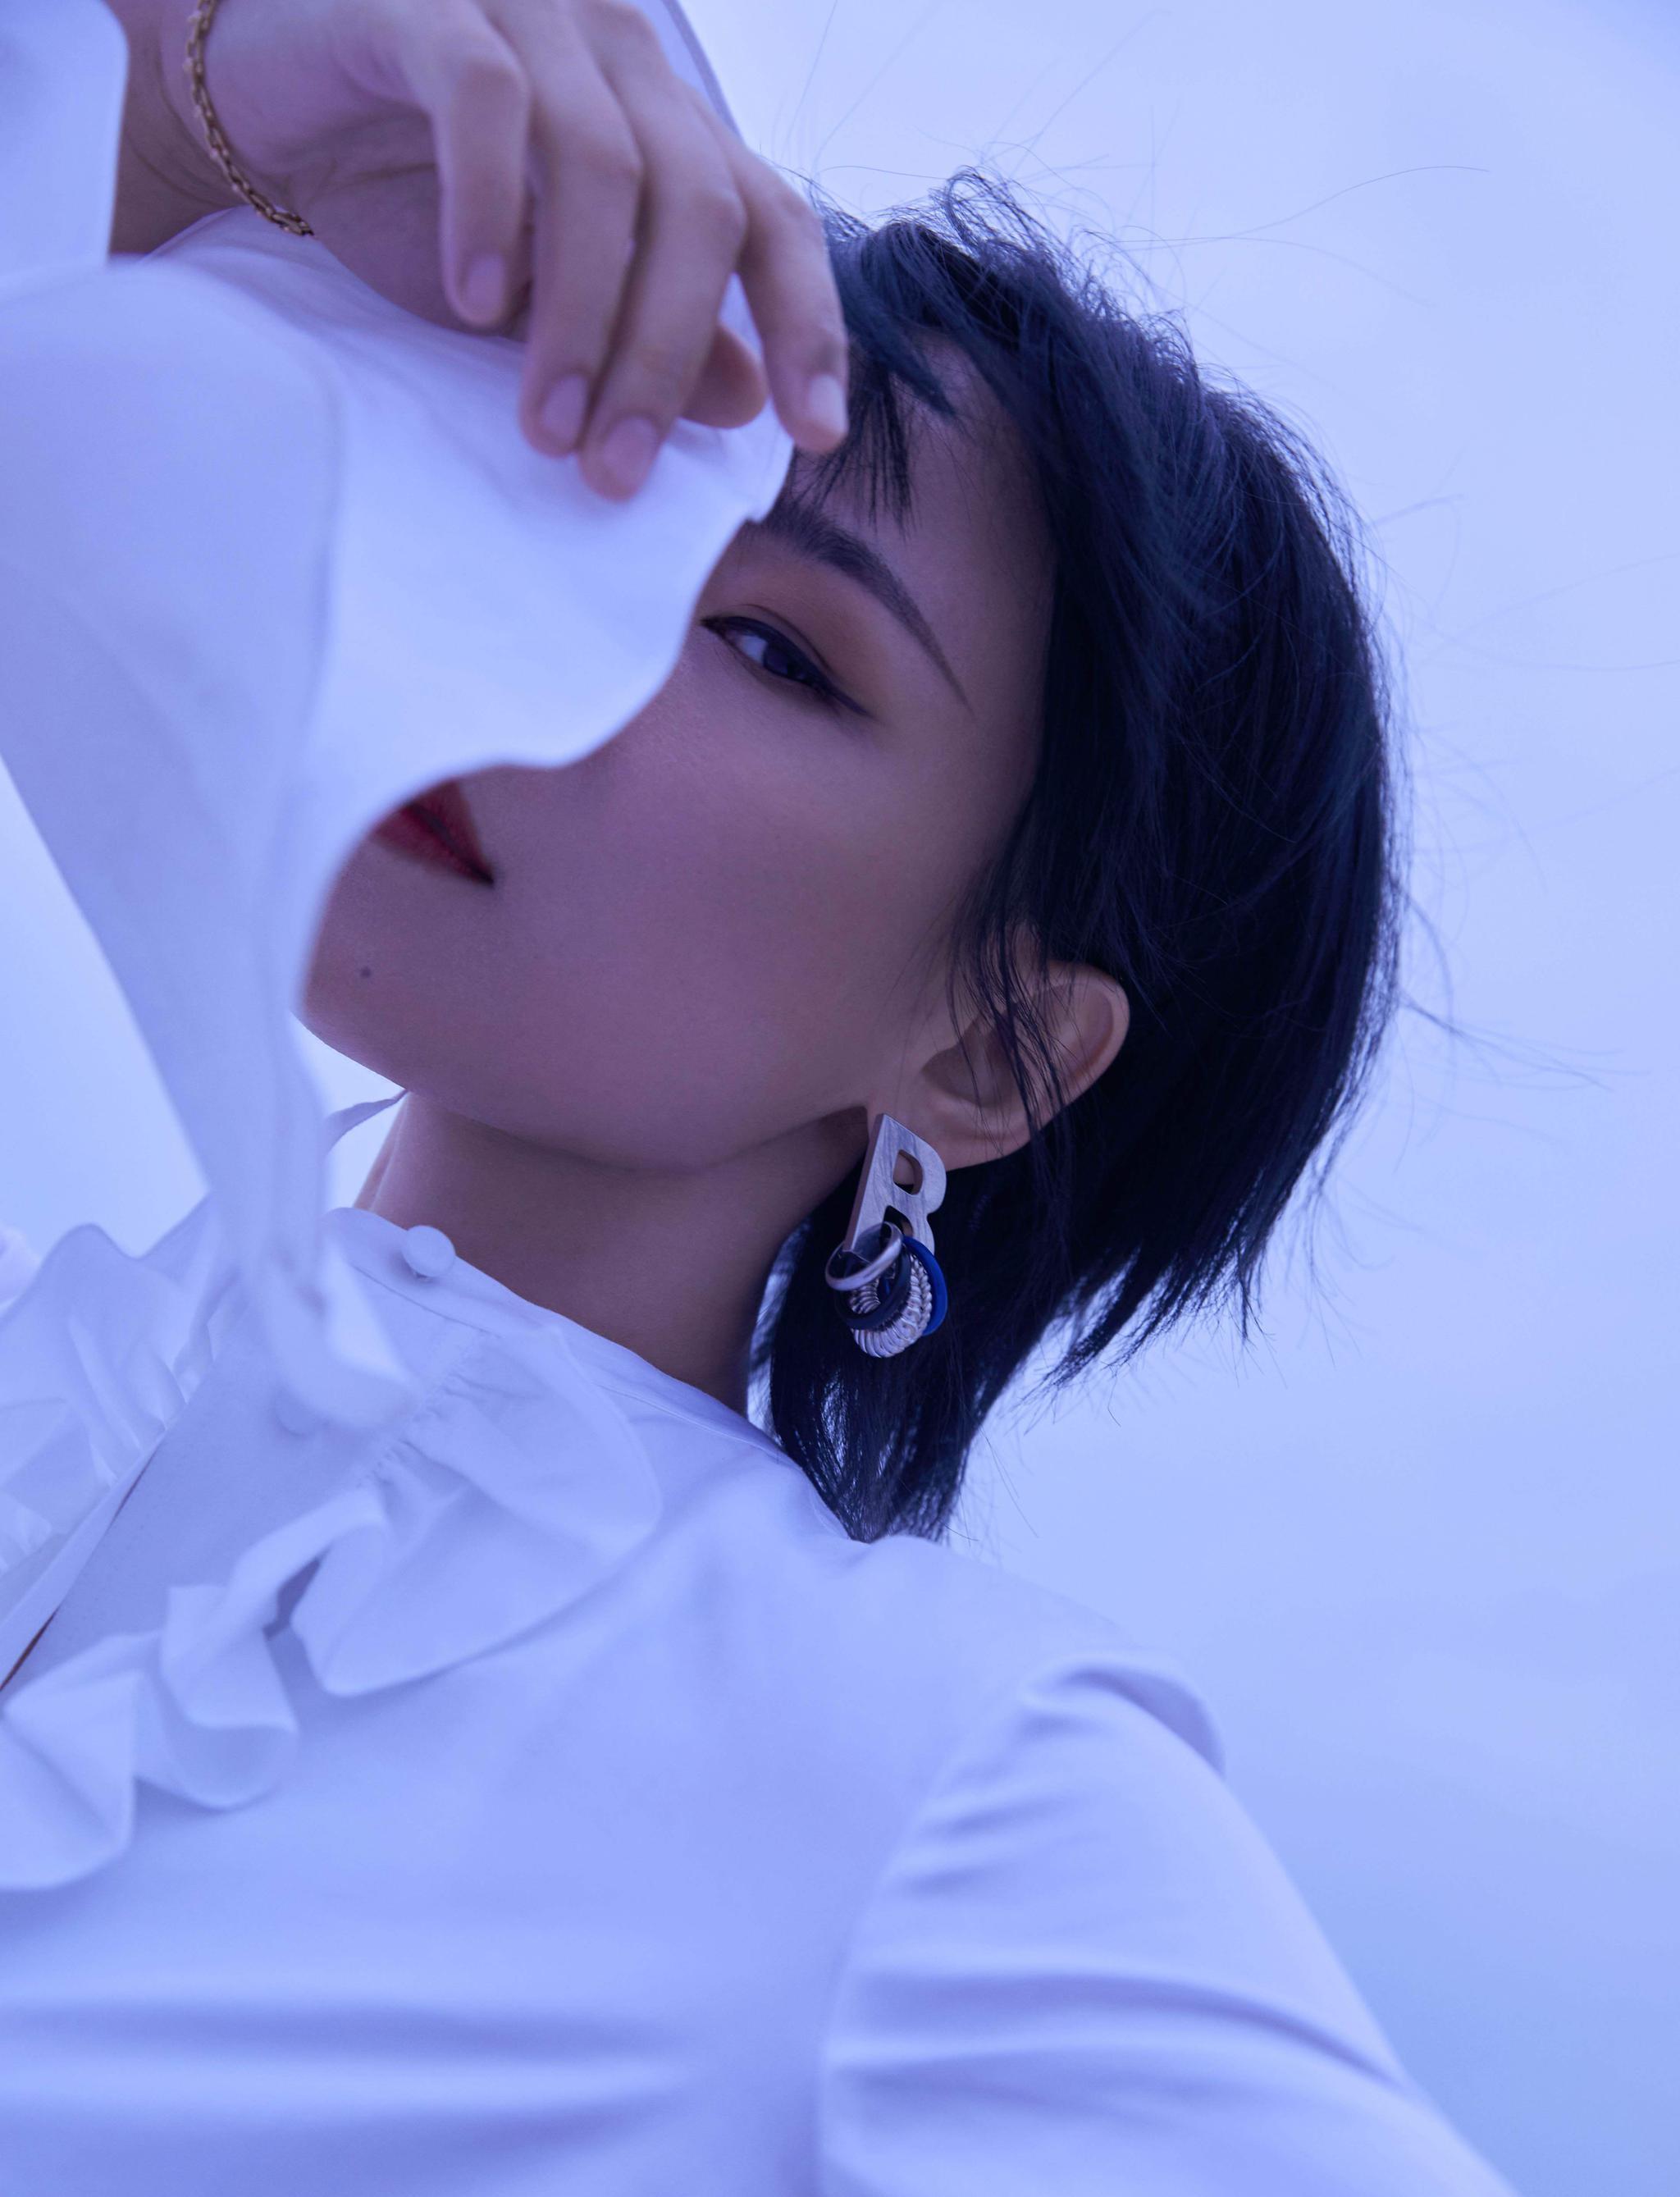 周笔畅最新造型,白色荷叶边衬衫温柔浪漫